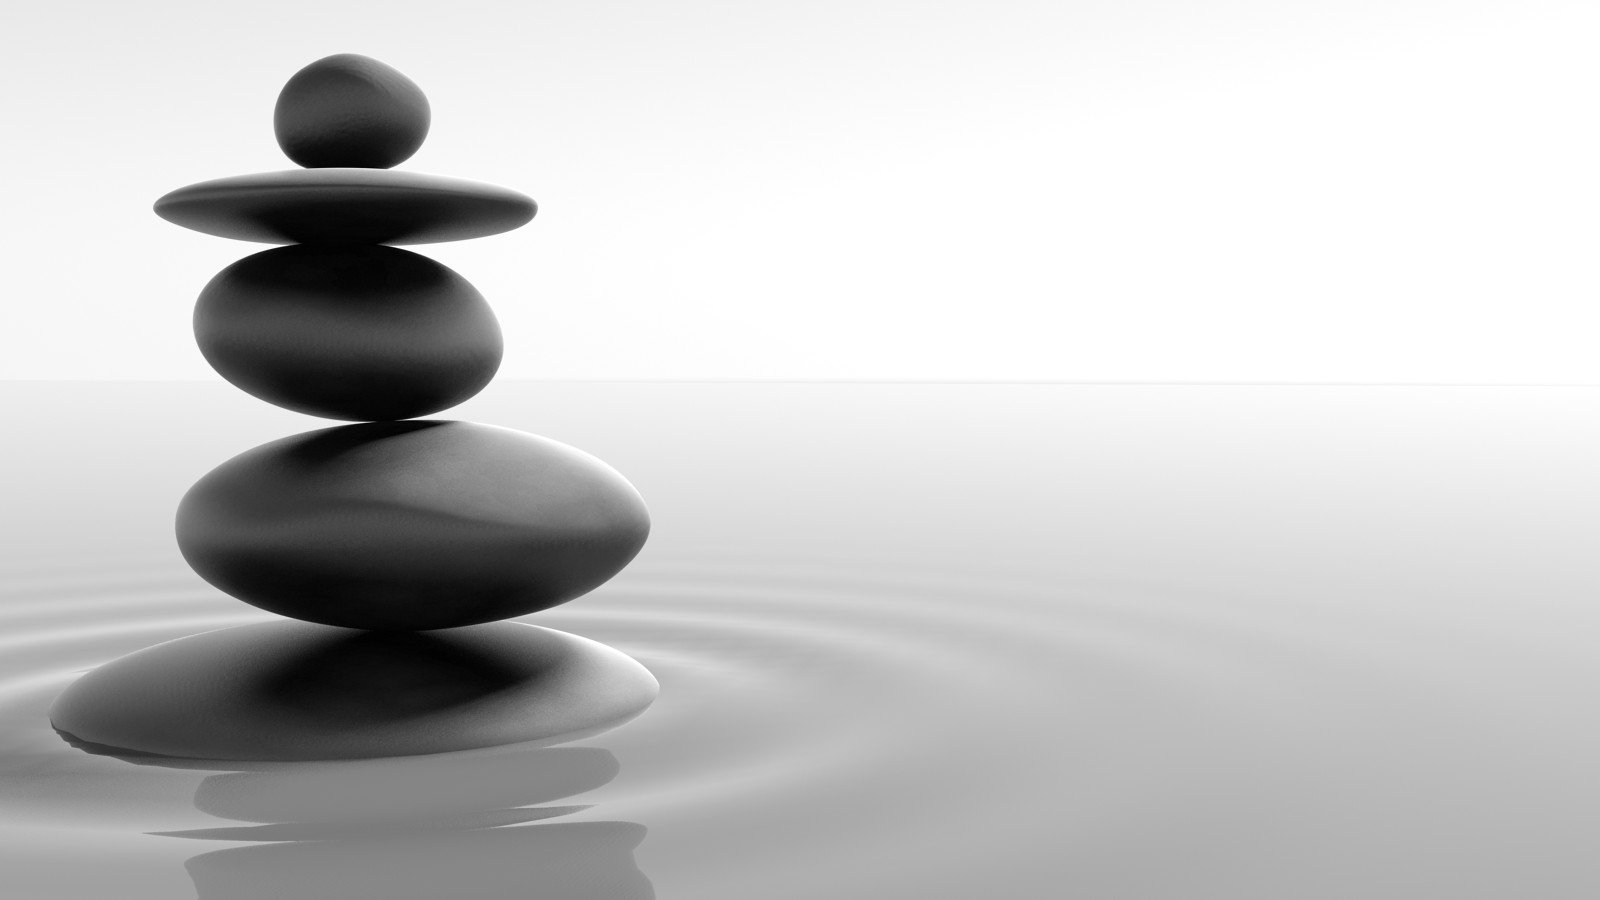 zen tao stones wallpaper balance peacejpg 1600x900